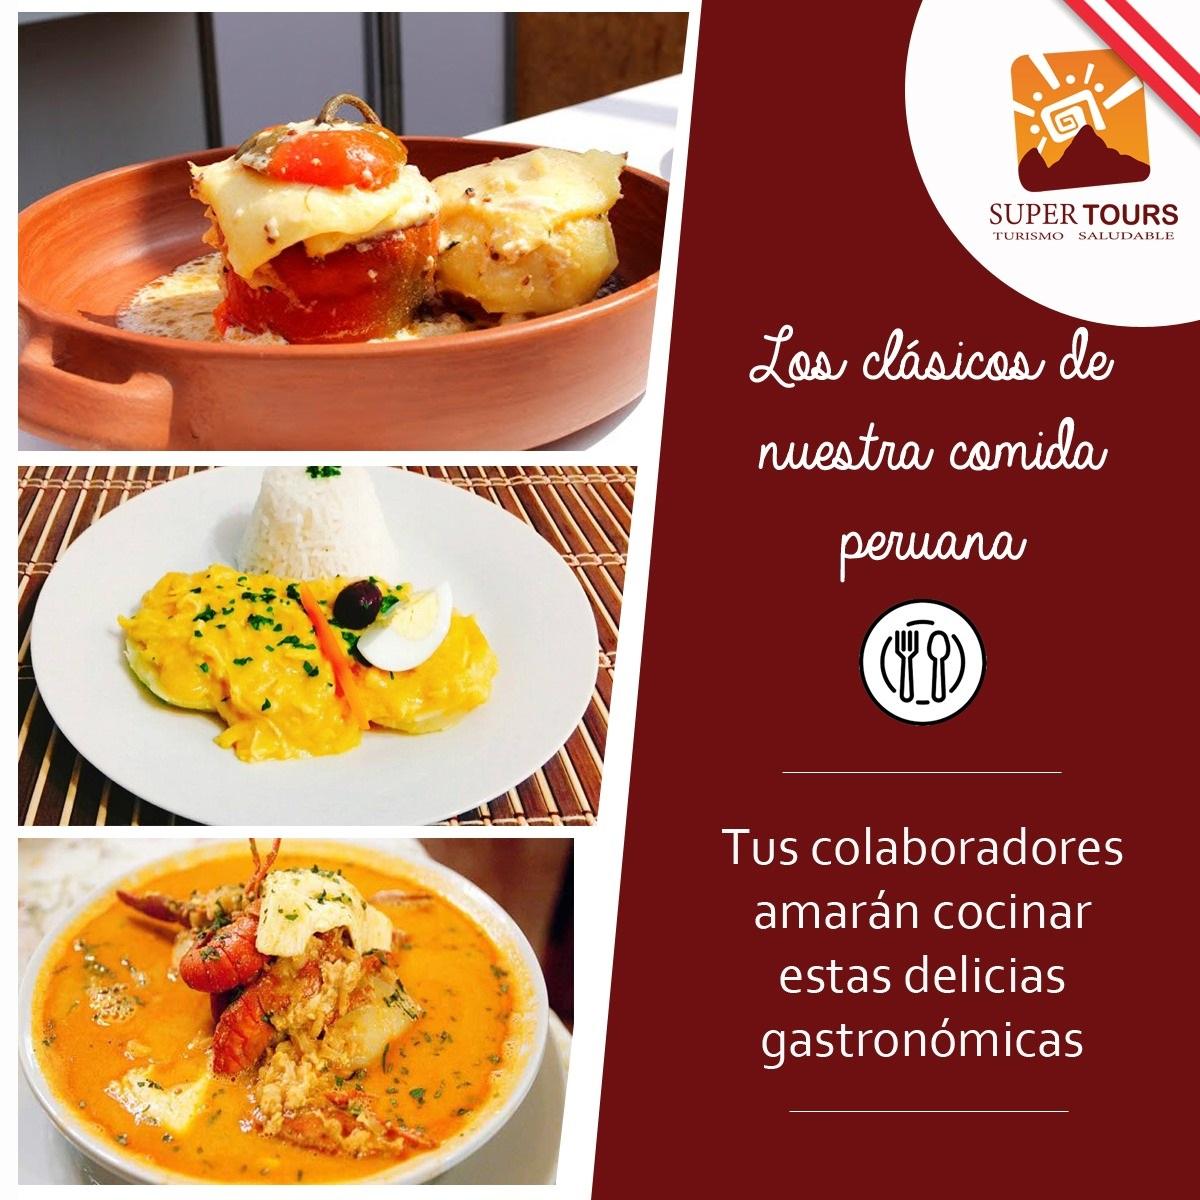 Los clásicos de nuestra comida peruana